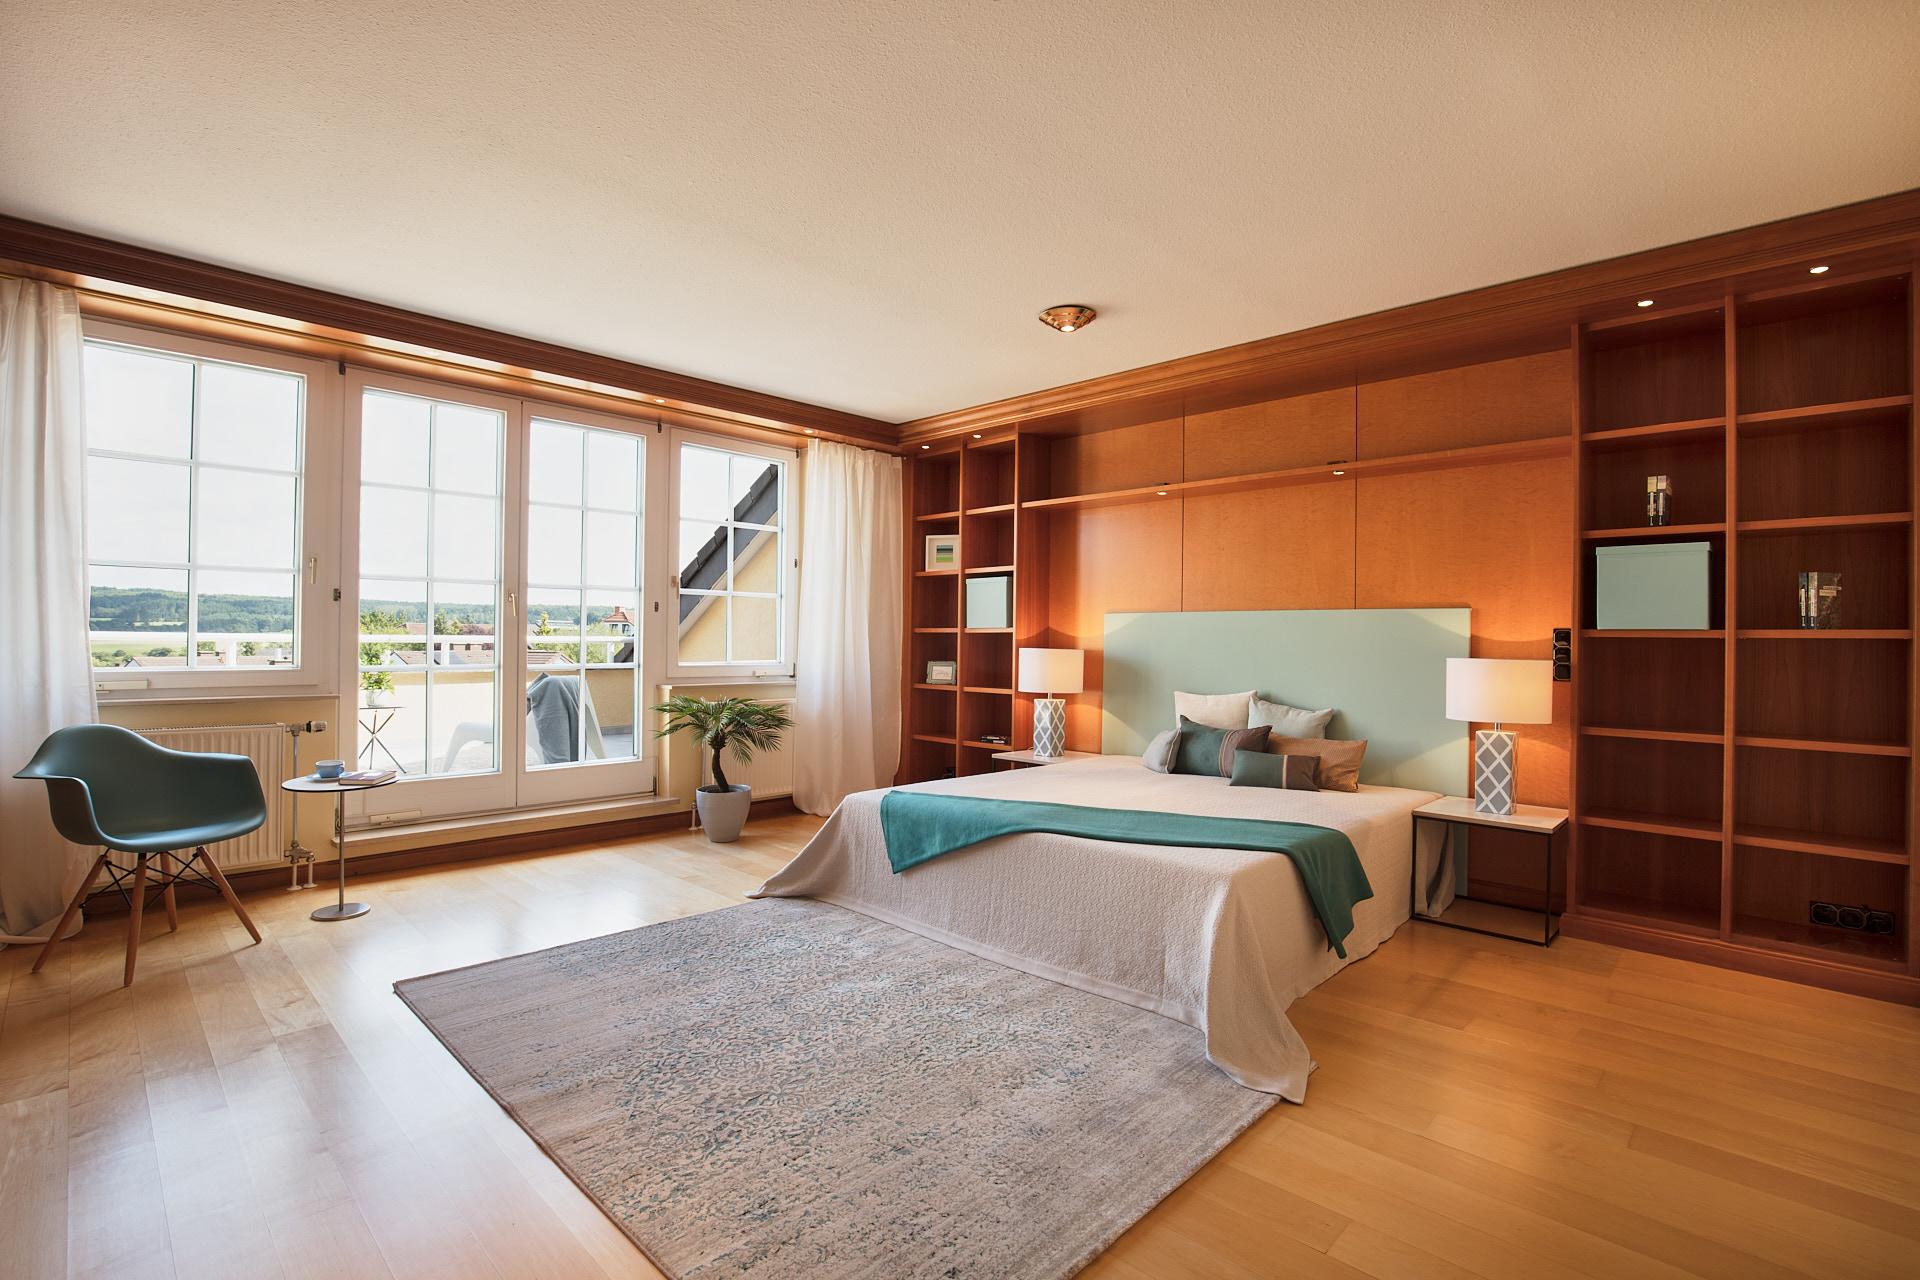 Großes Schlafzimmer mit umlaufenden Einbauschränken aus massivem Holz und Doppelbett.